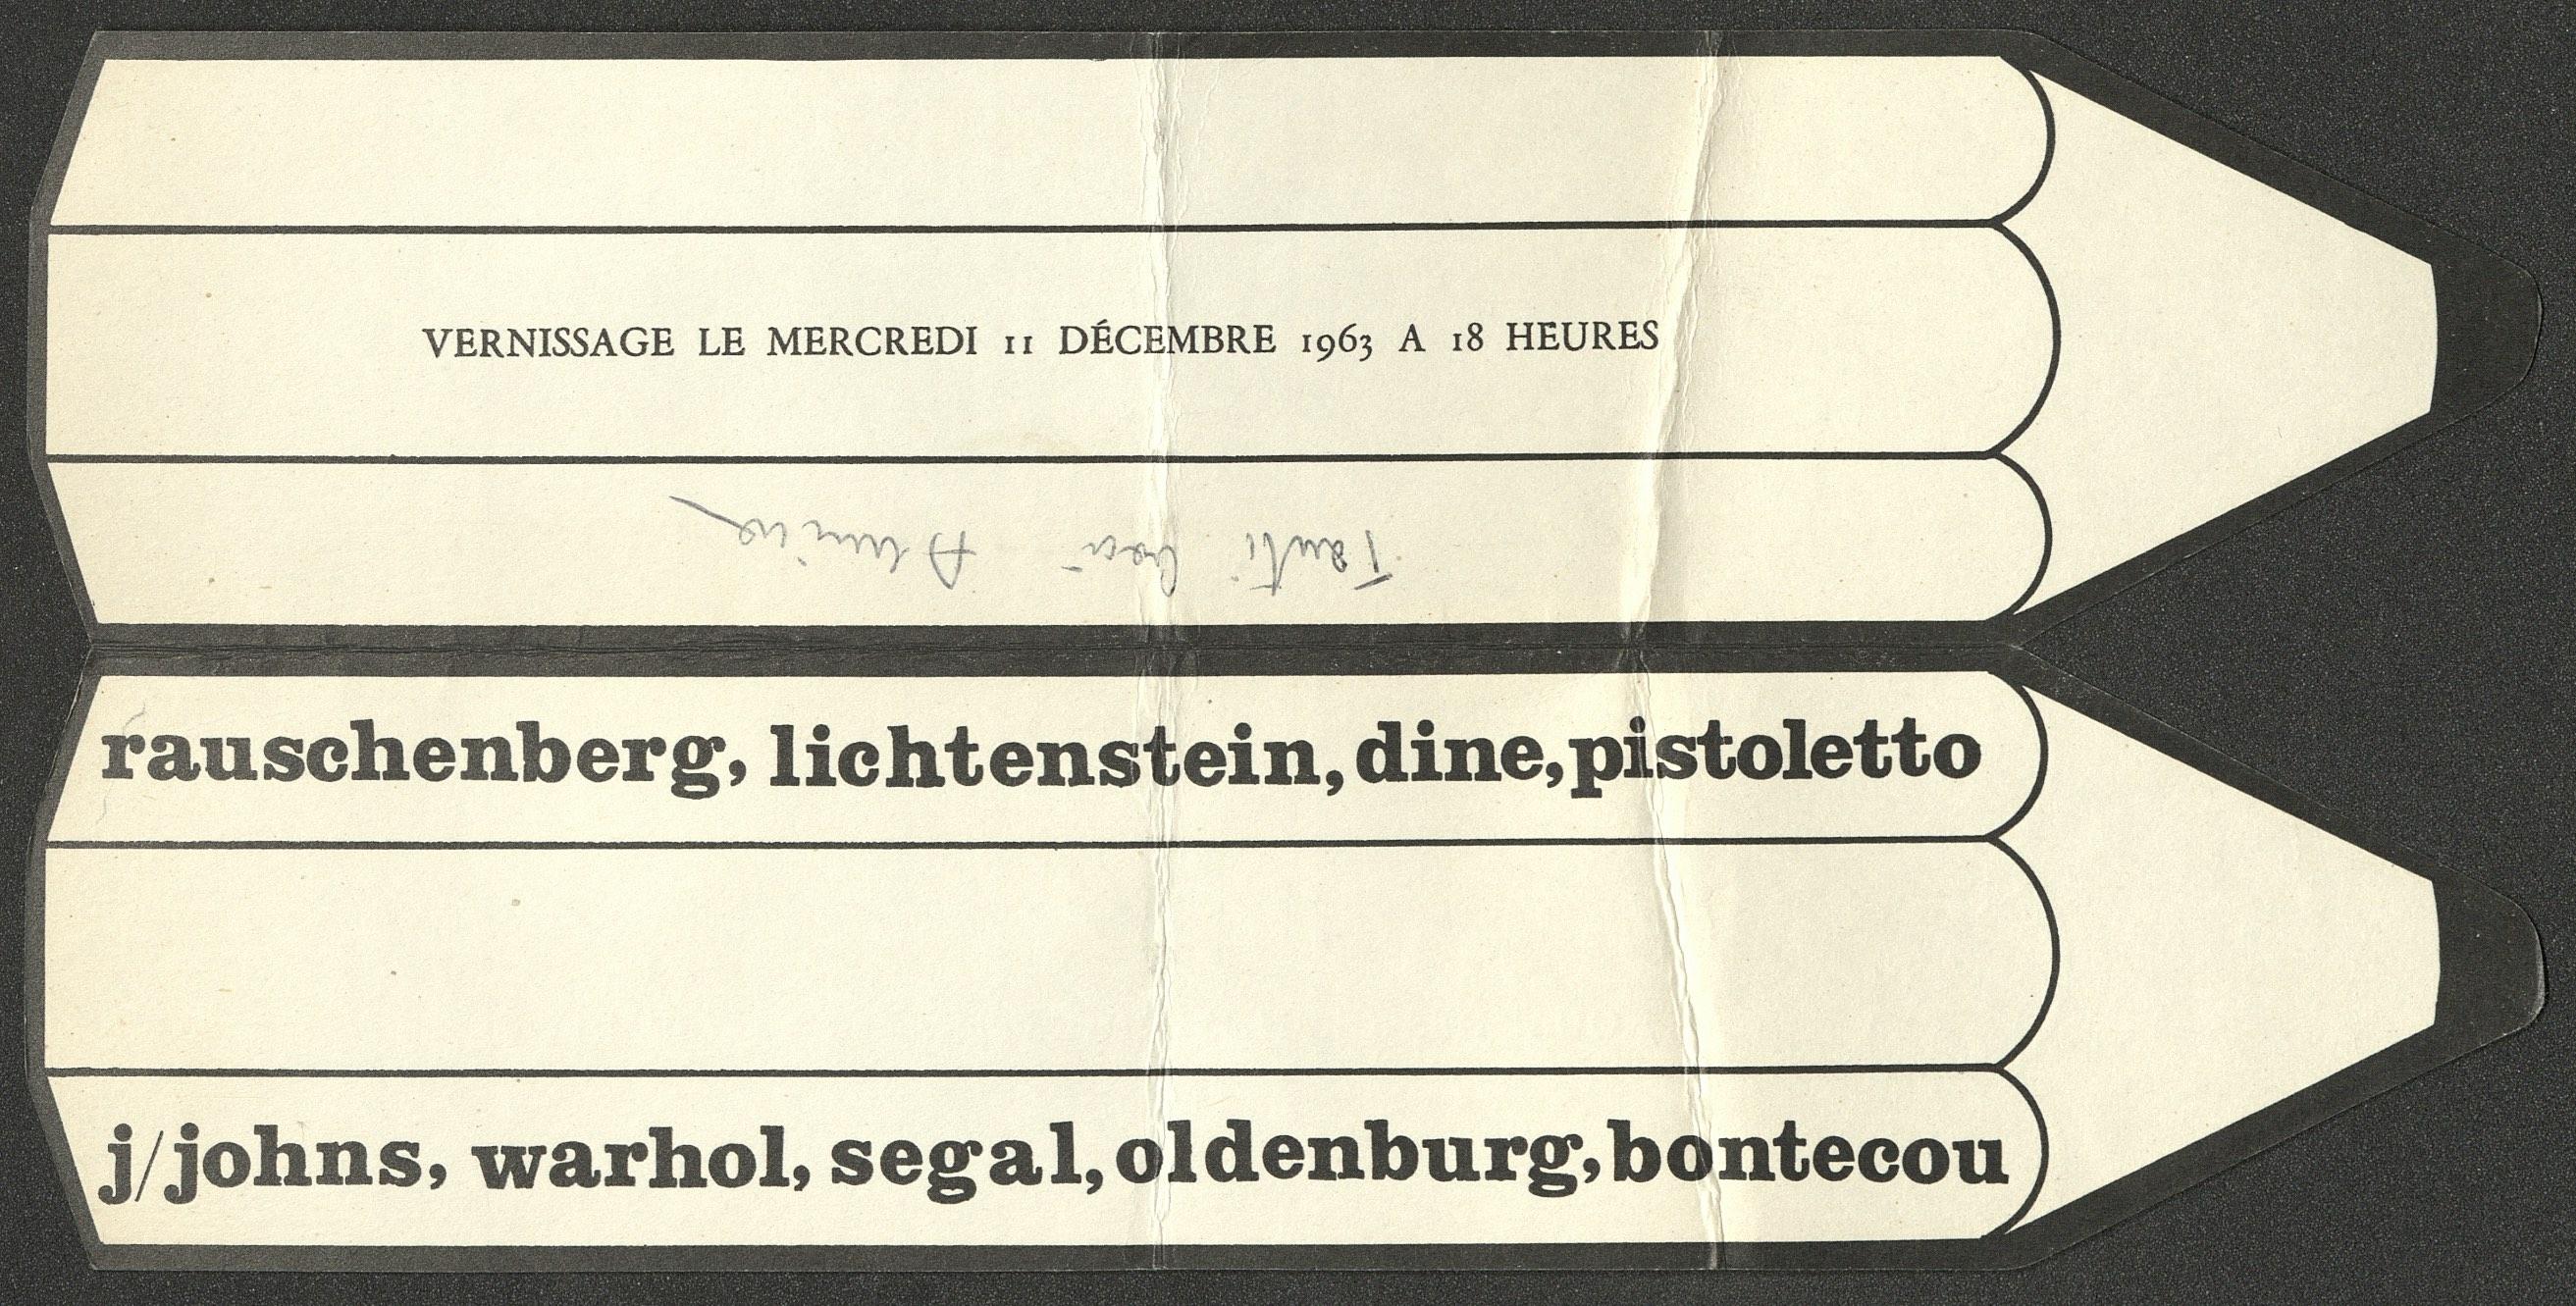 Ileana Sonnabend, DESSINS, Paris 1963 (Invitation); Archiv der Avantgarden, Staatliche Kunstsammlungen Dresden